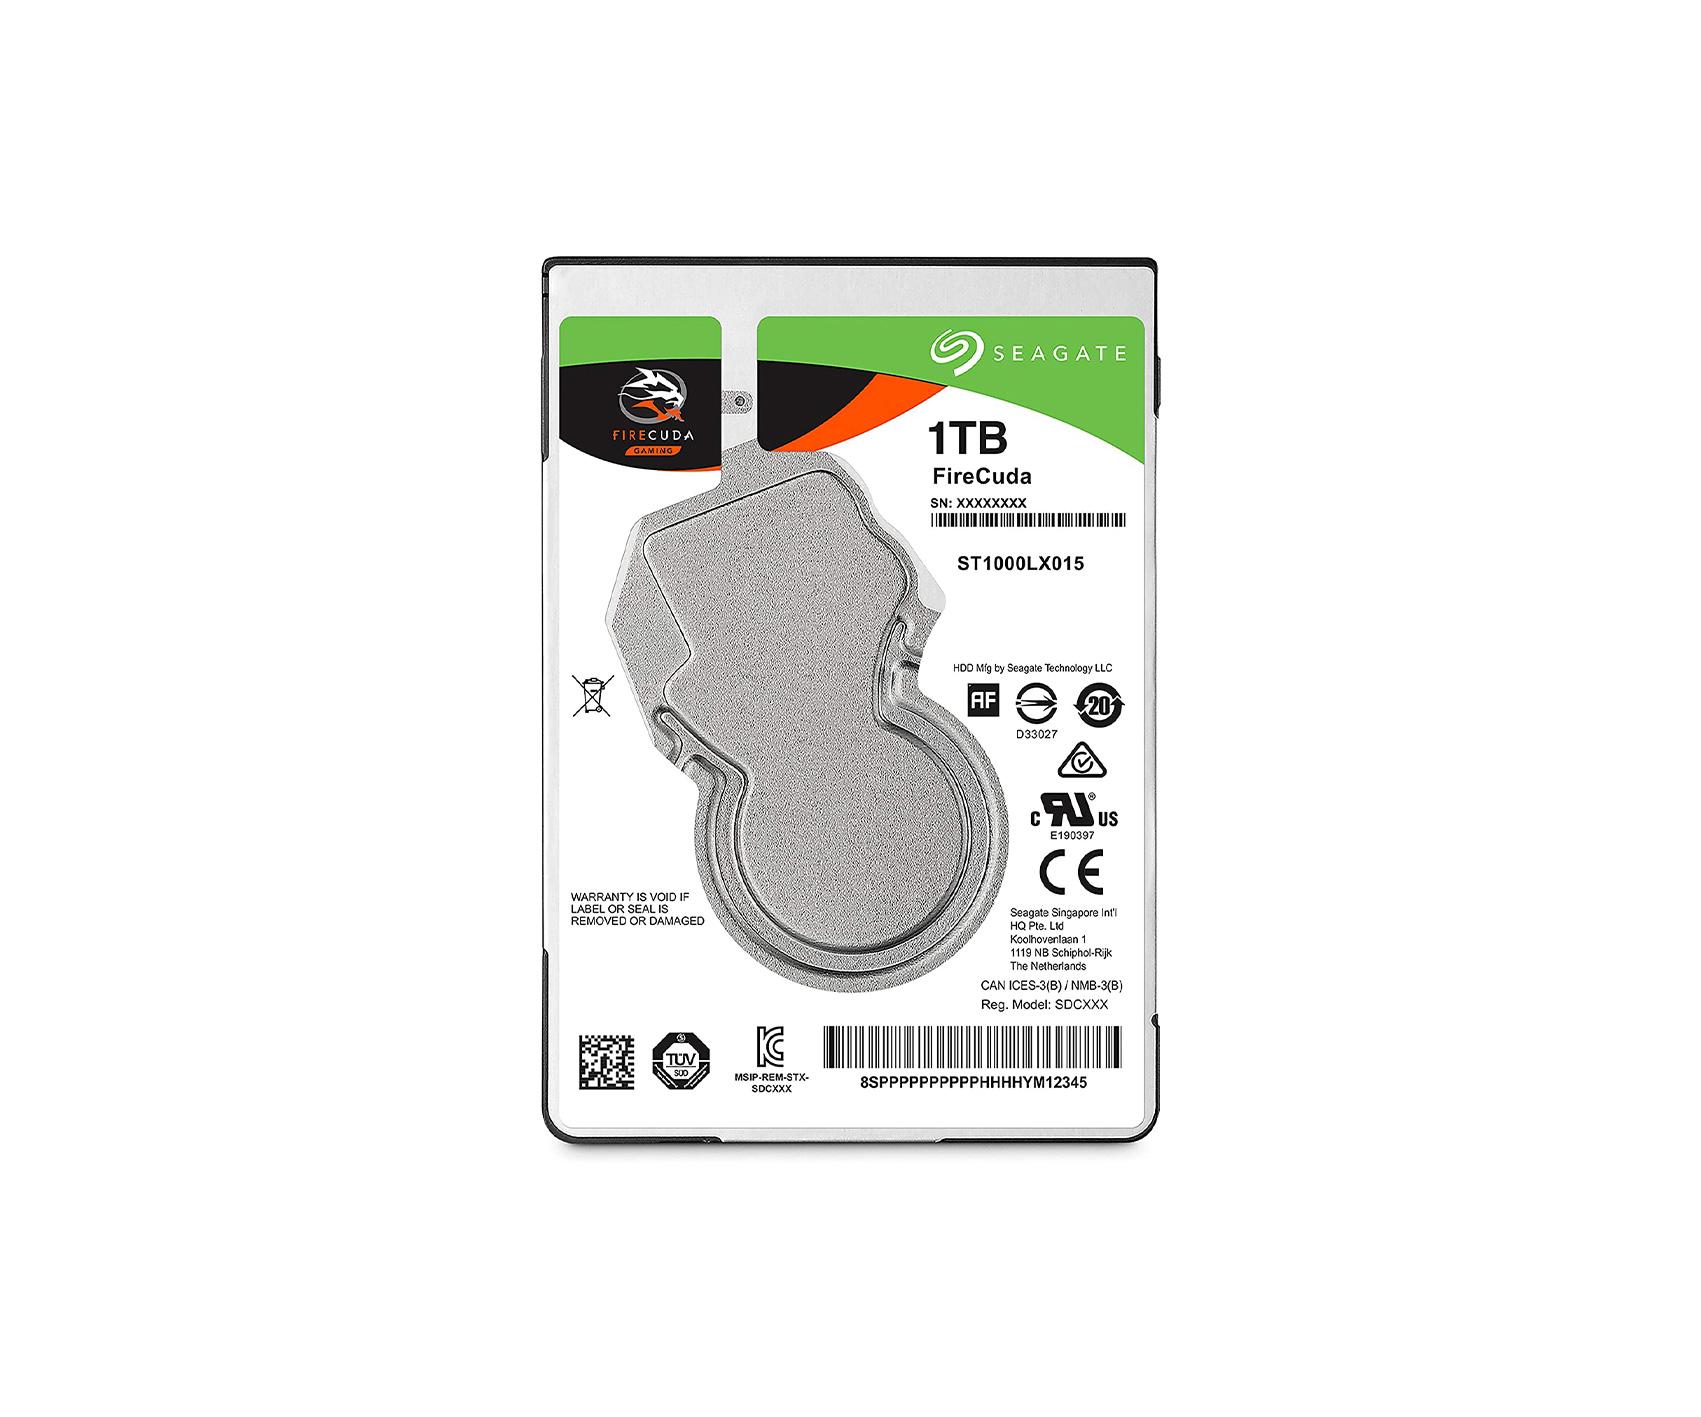 Seagate FireCuda 1 T.B 2.5 inch HDD